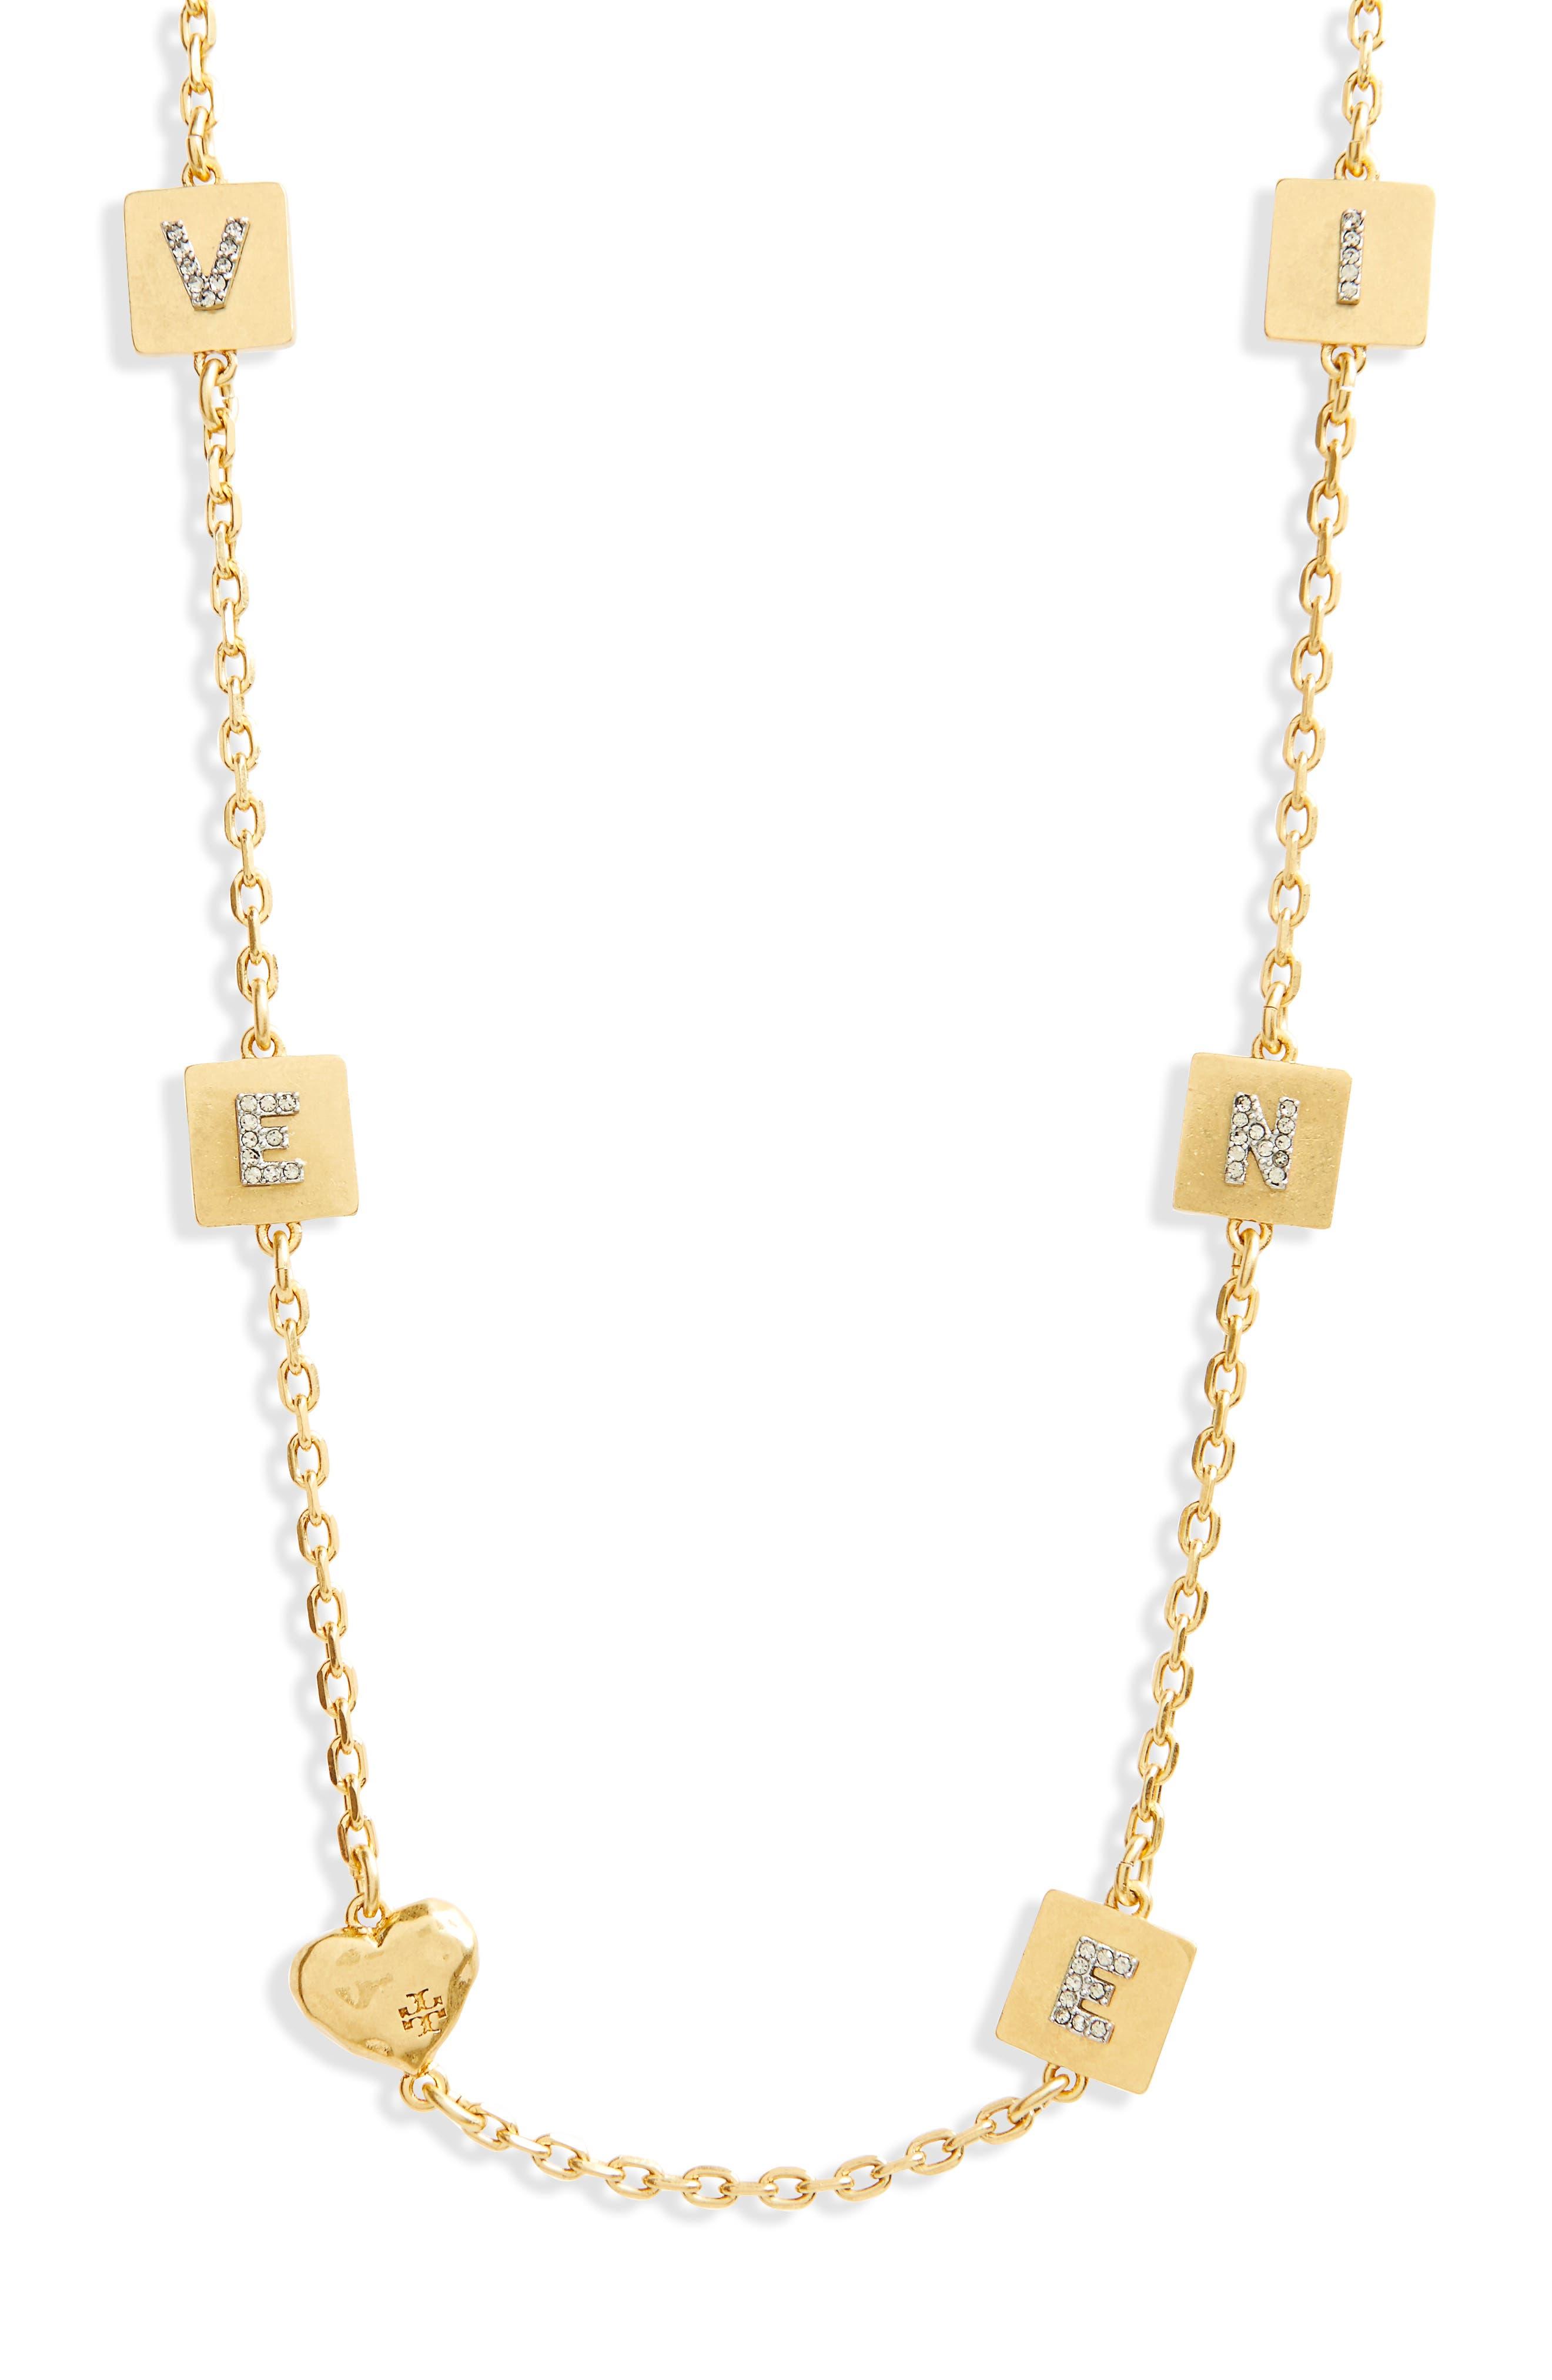 Love & Divine Message Necklace,                             Alternate thumbnail 2, color,                             Vintage Gold